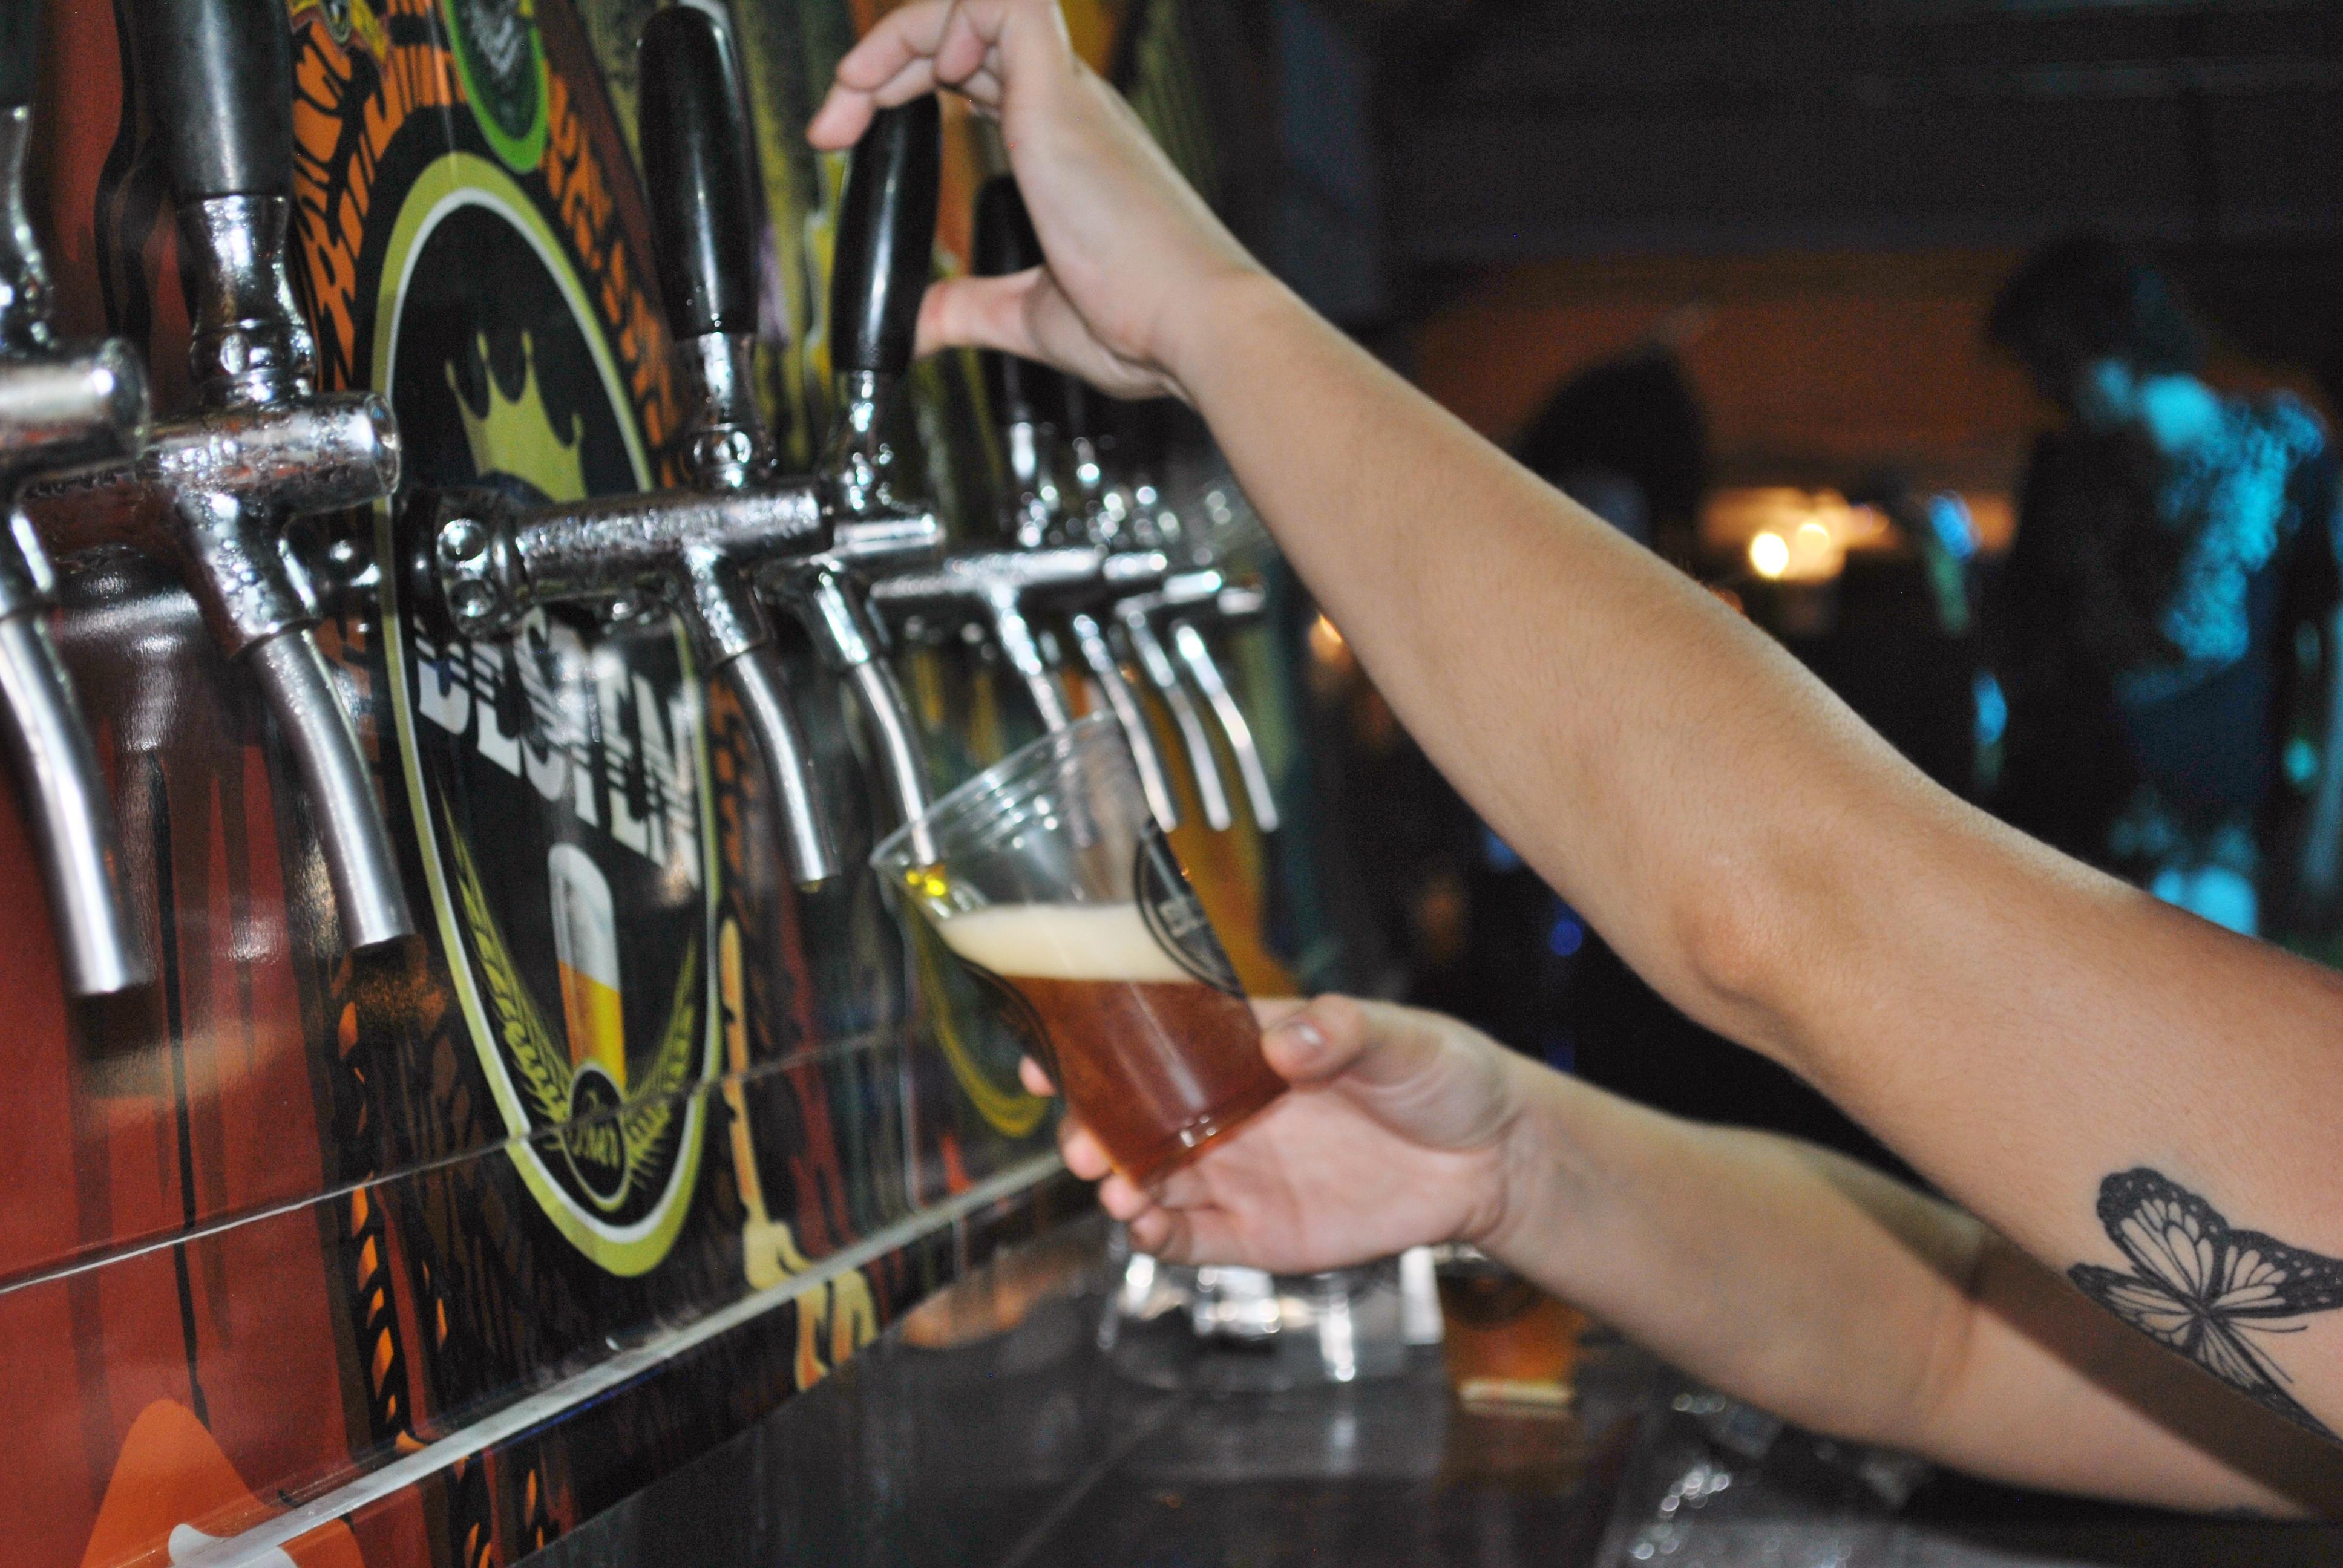 A cerveja artesanal ganhou destaque no evento. FOTO/VAN: Lucas Almeida